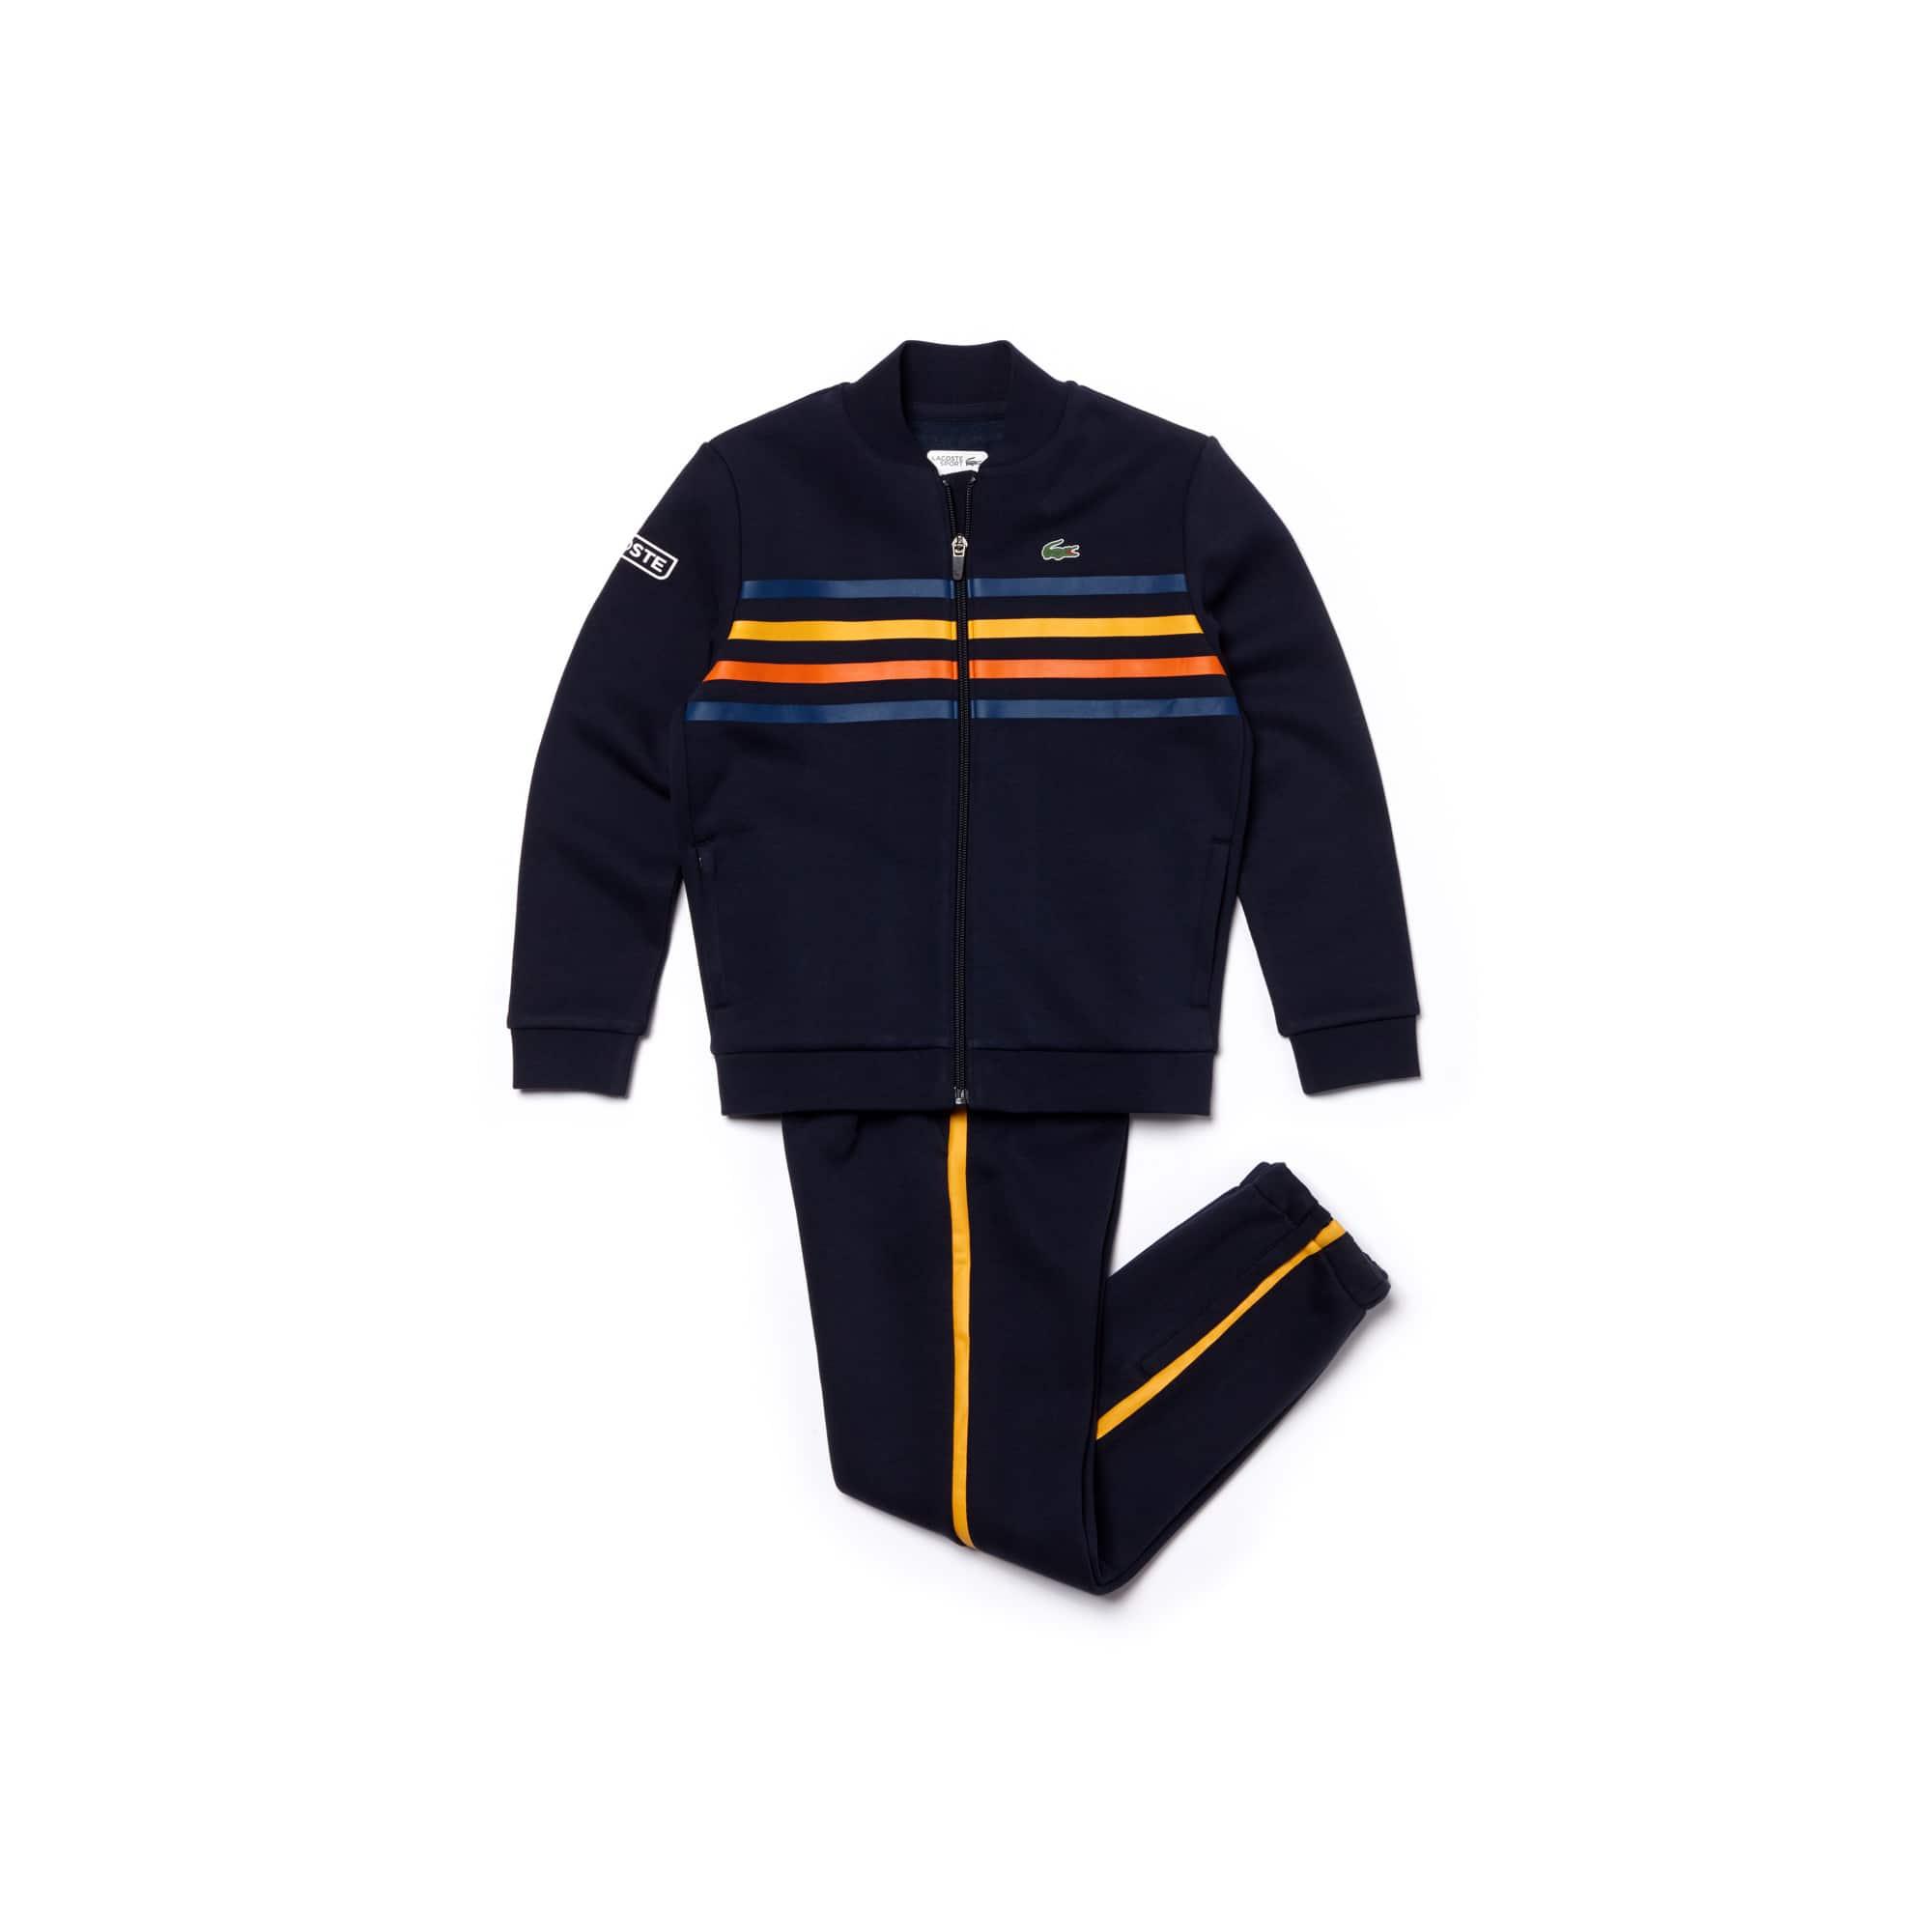 بدلة التنس الرياضية للأولاد من لاكوست سبورت مصنوعة من الصوف